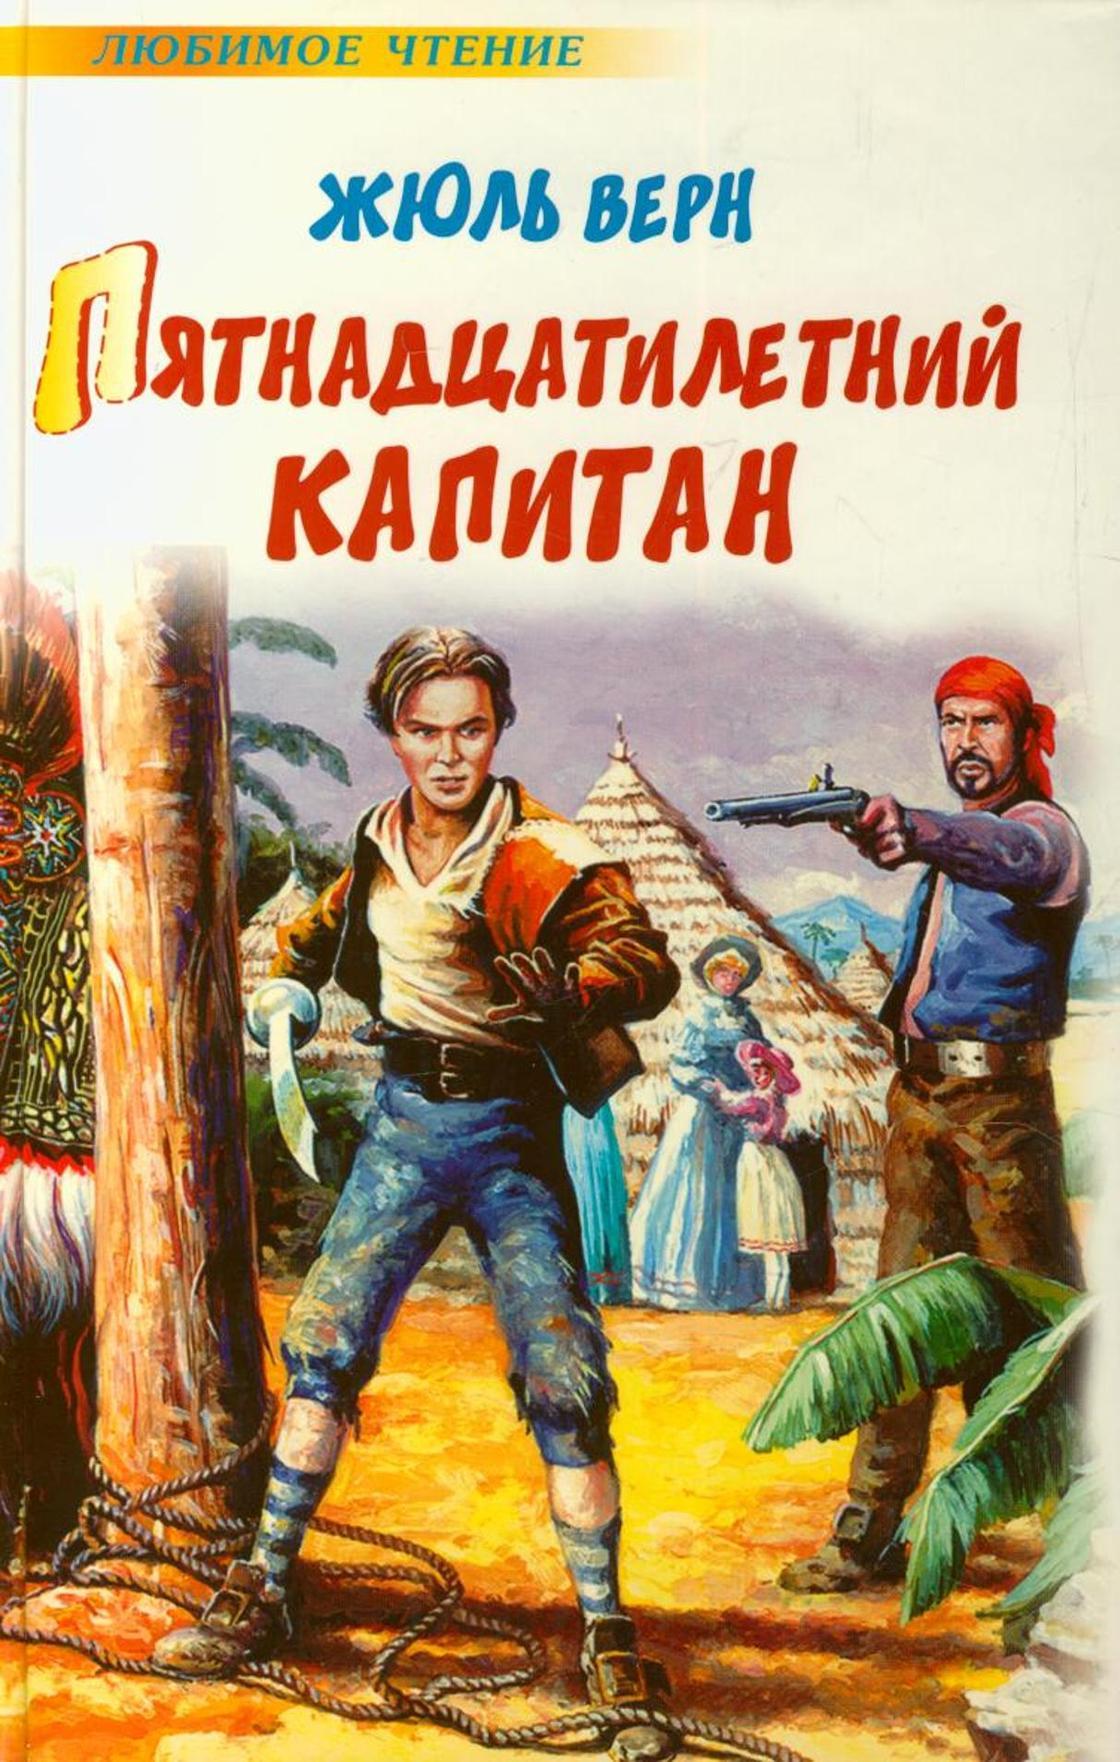 Жюль Верн: книги для детей